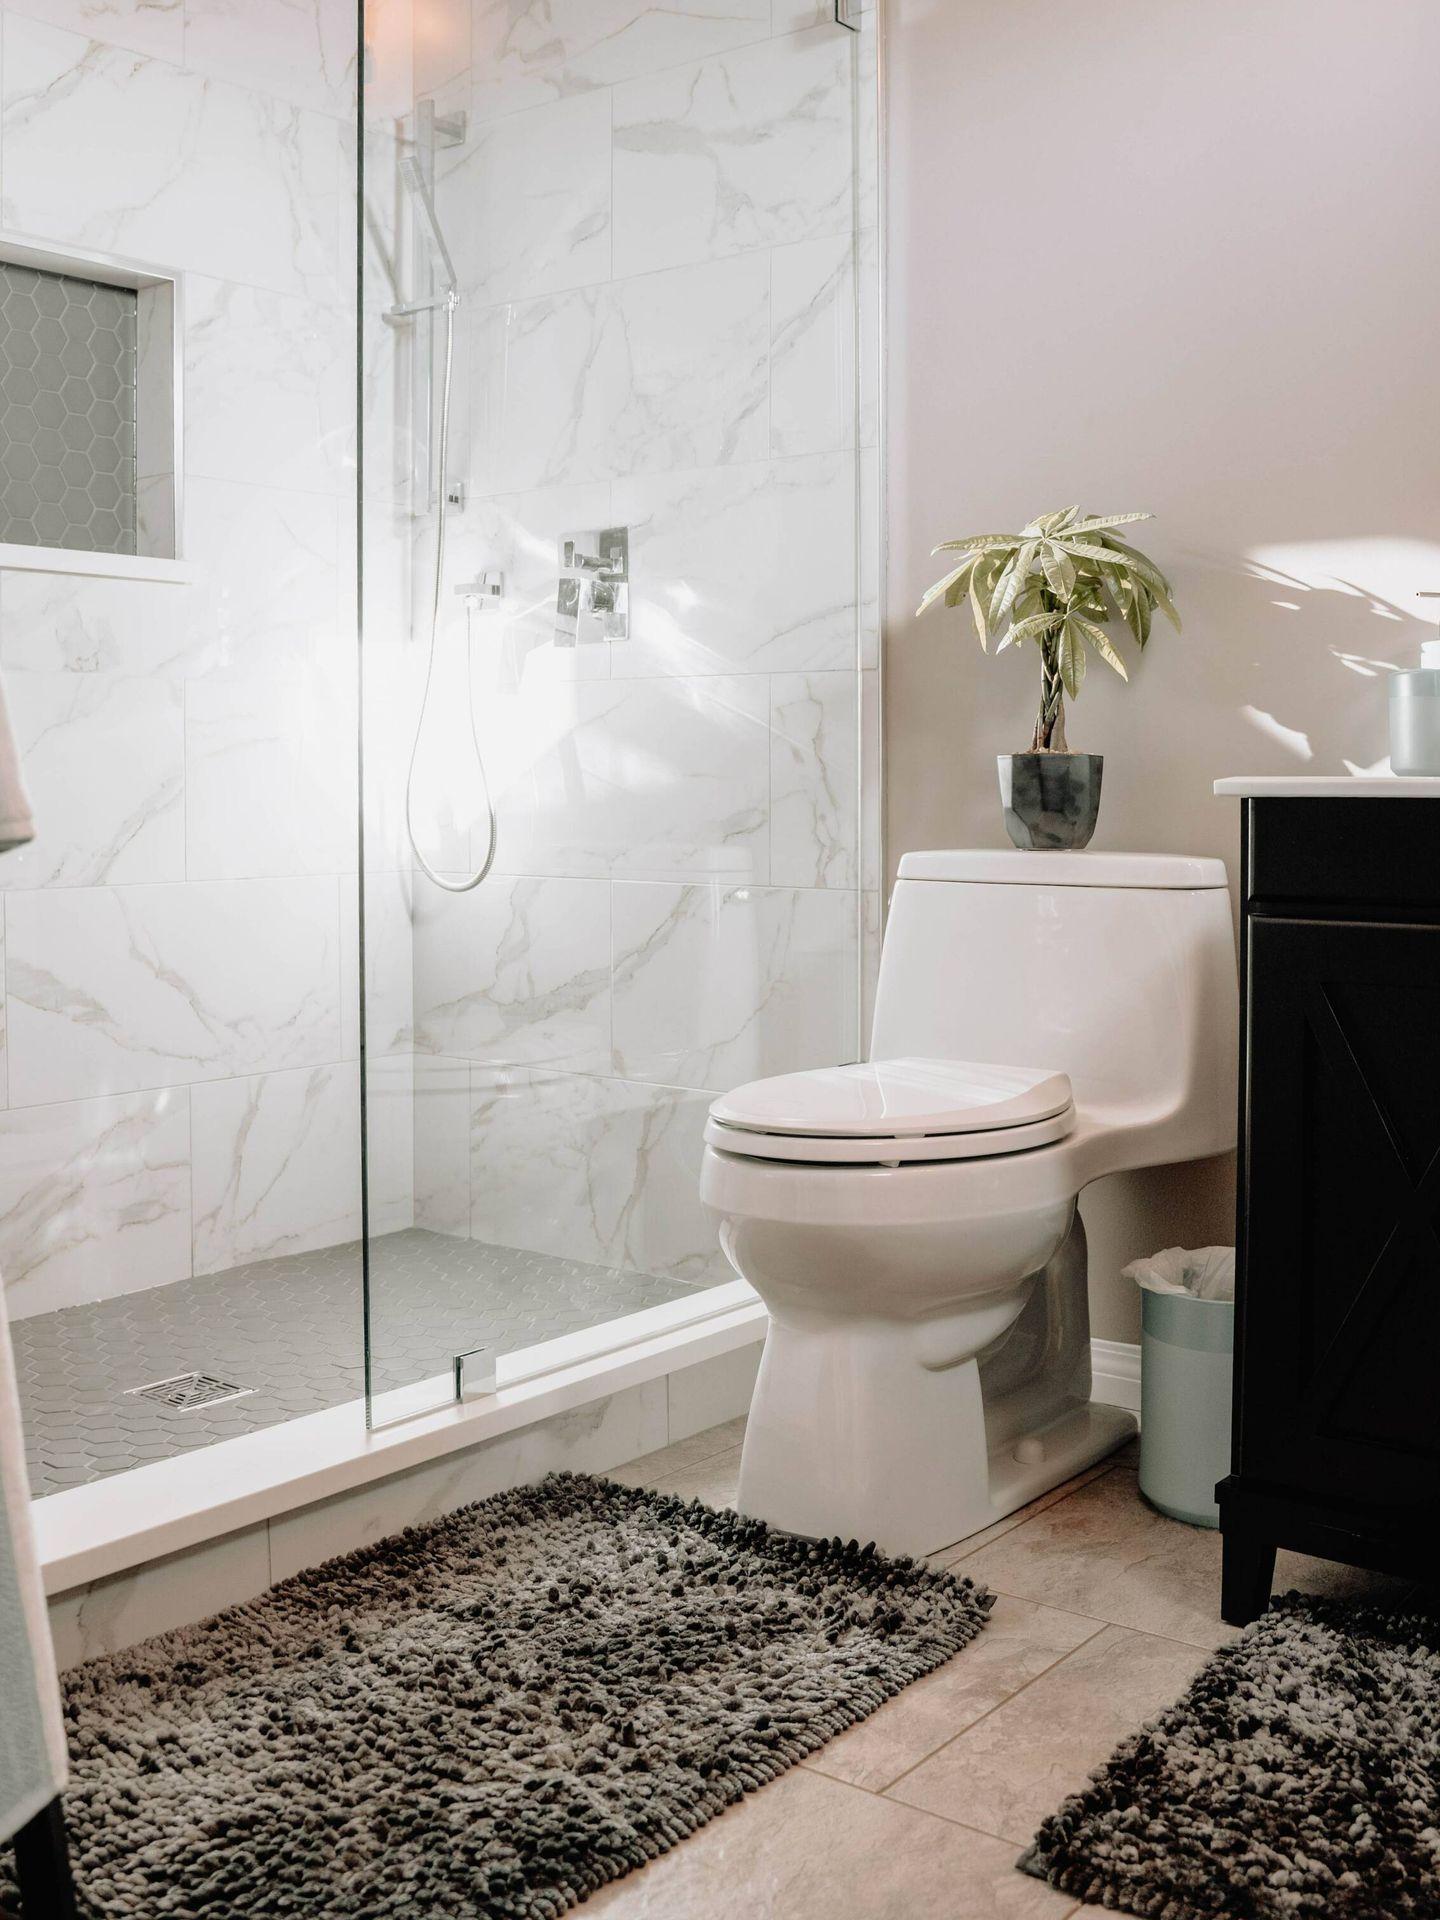 Claves para limpiar baños y azulejos. (99.films para Unsplash)